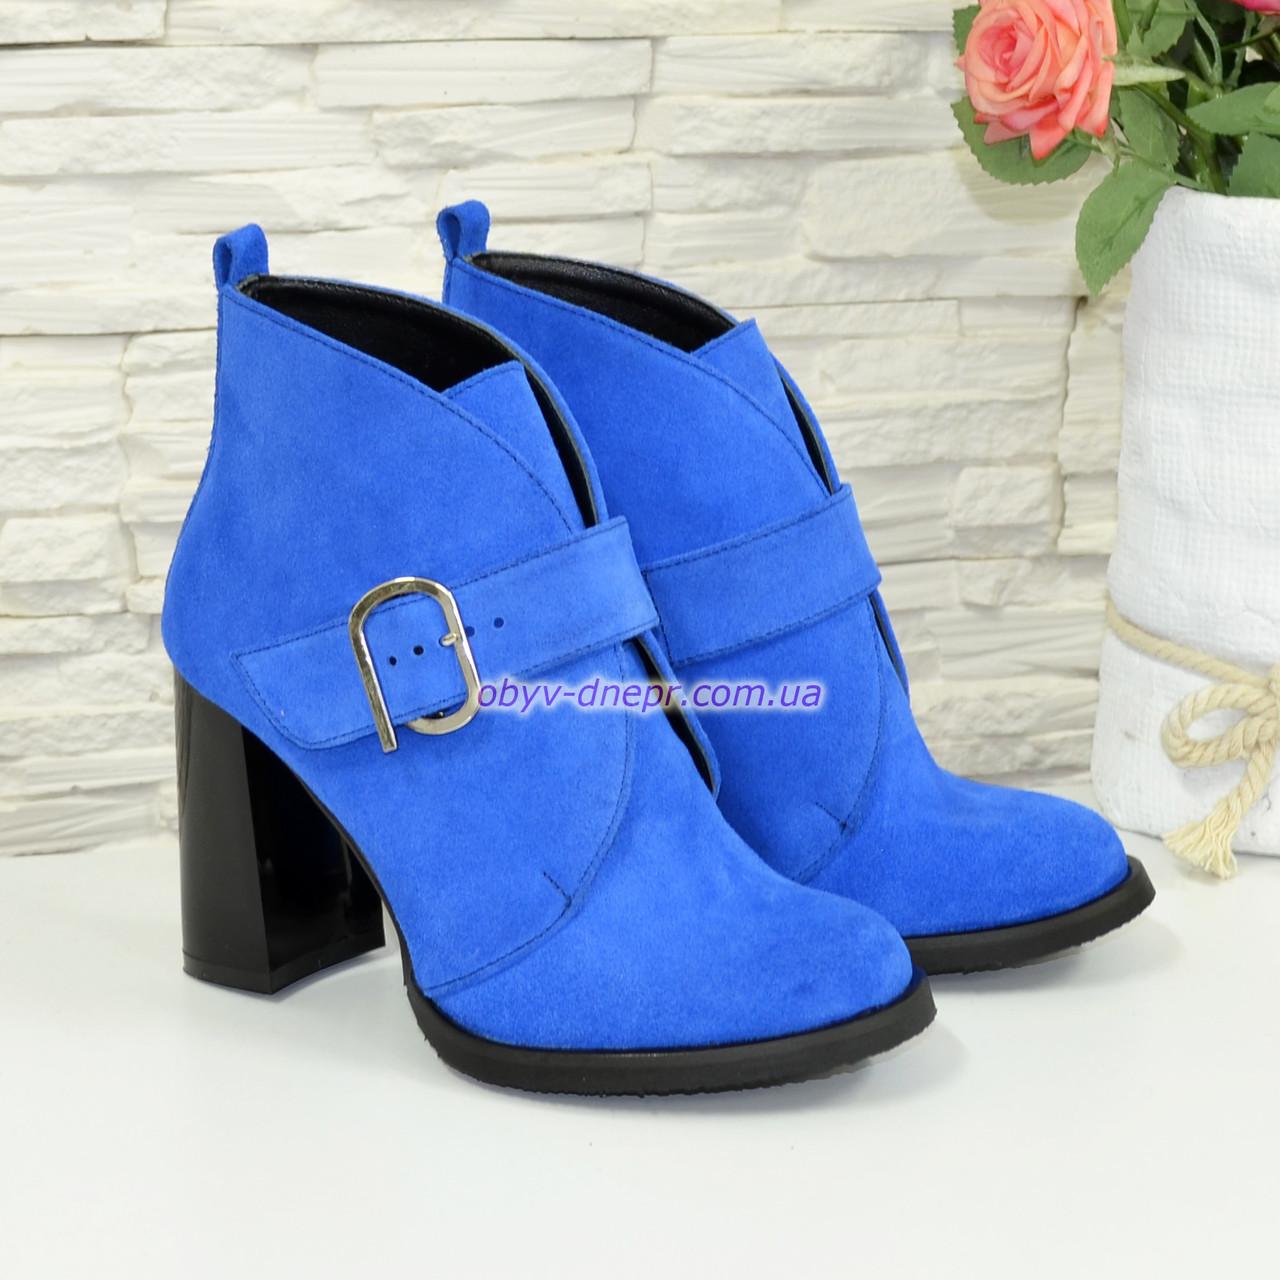 Ботинки замшевые зимние женские на устойчивом каблуке, цвет электрик